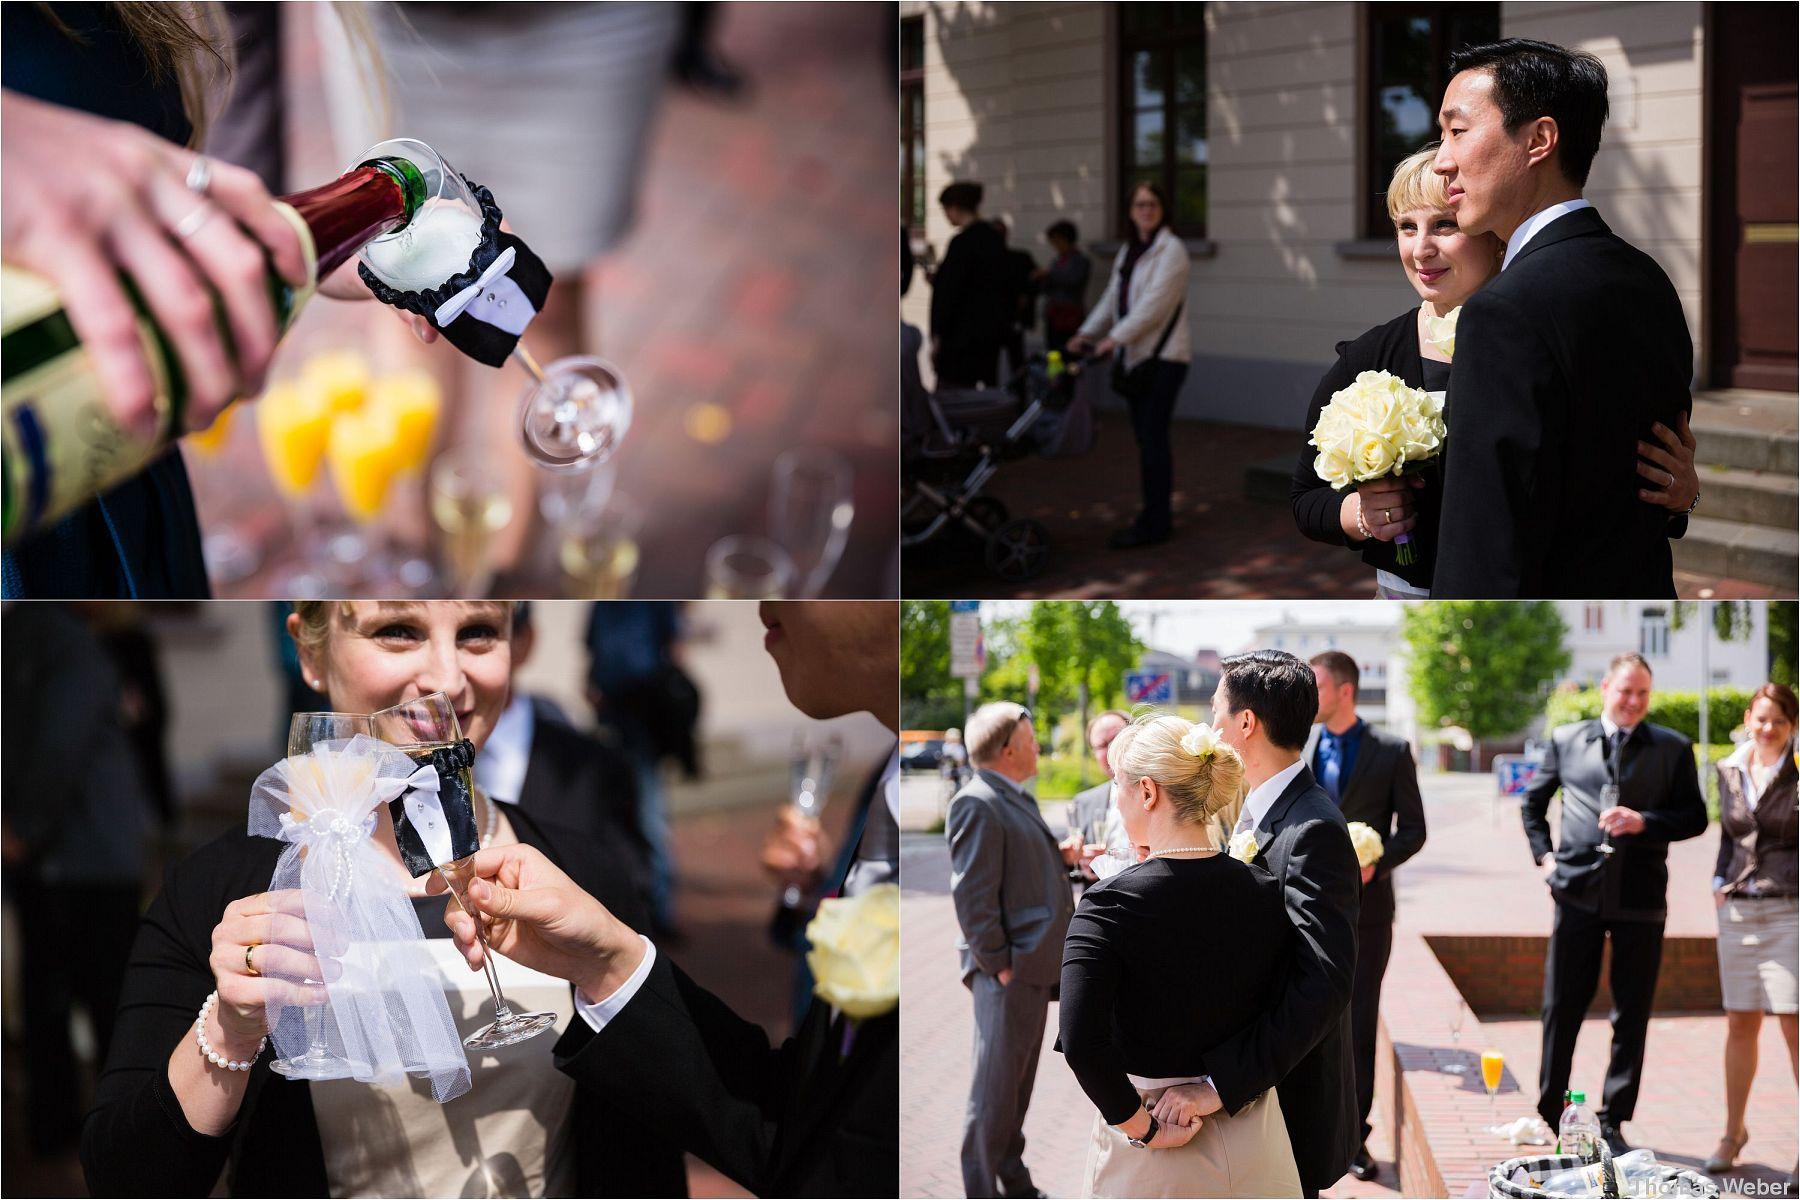 Hochzeit im Standesamt am Pferdemarkt in Oldenburg, Hochzeitsfotograf Oldenburg, Thomas Weber